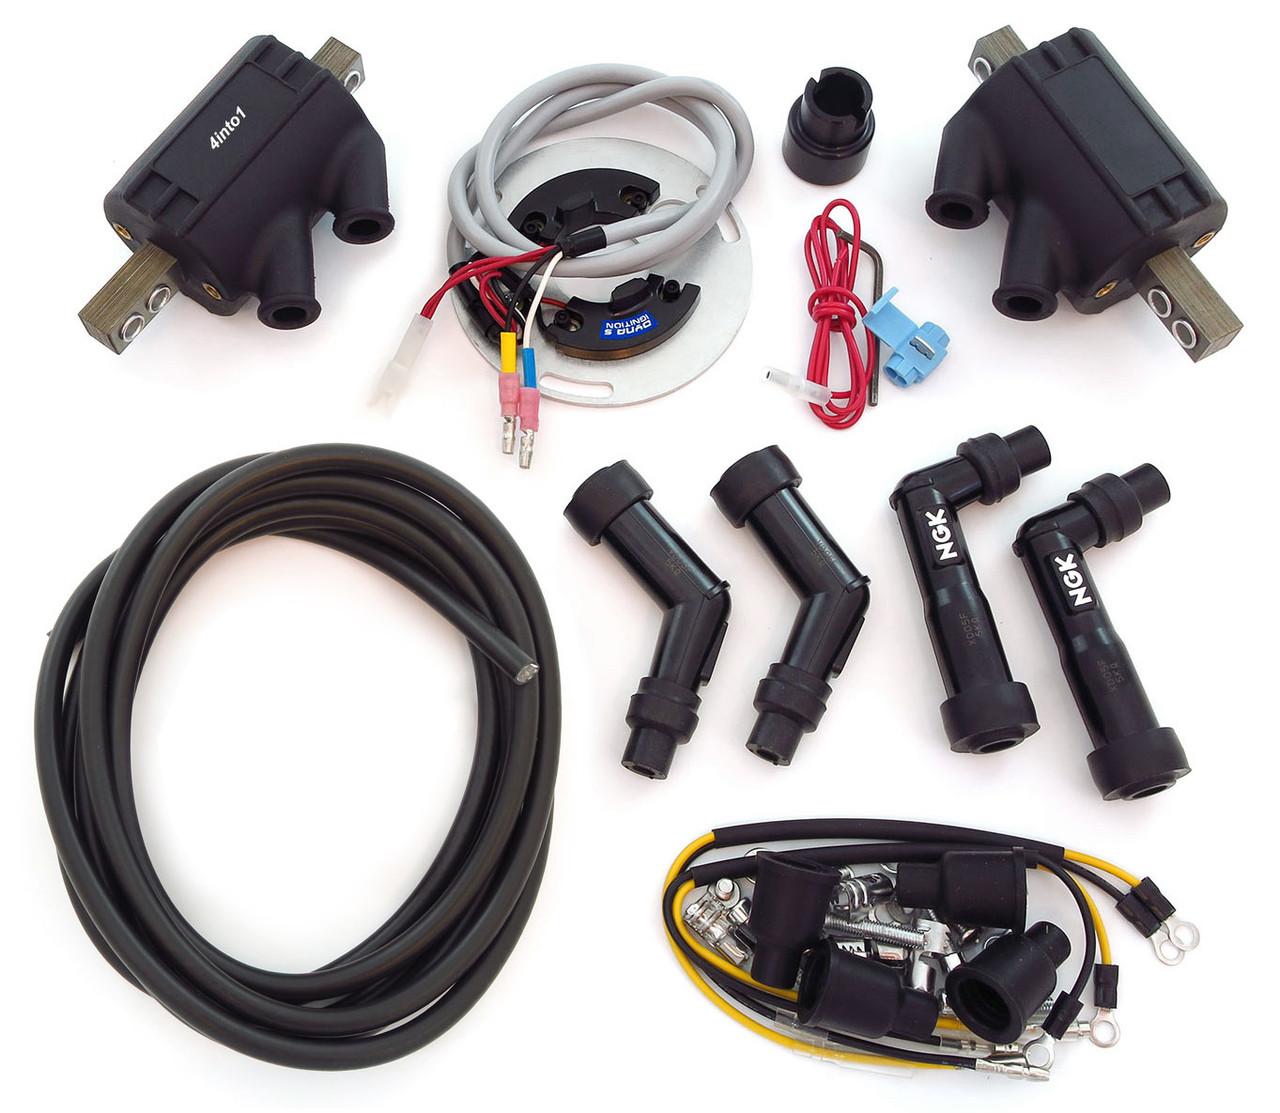 Honda cb 125 electronic ignition